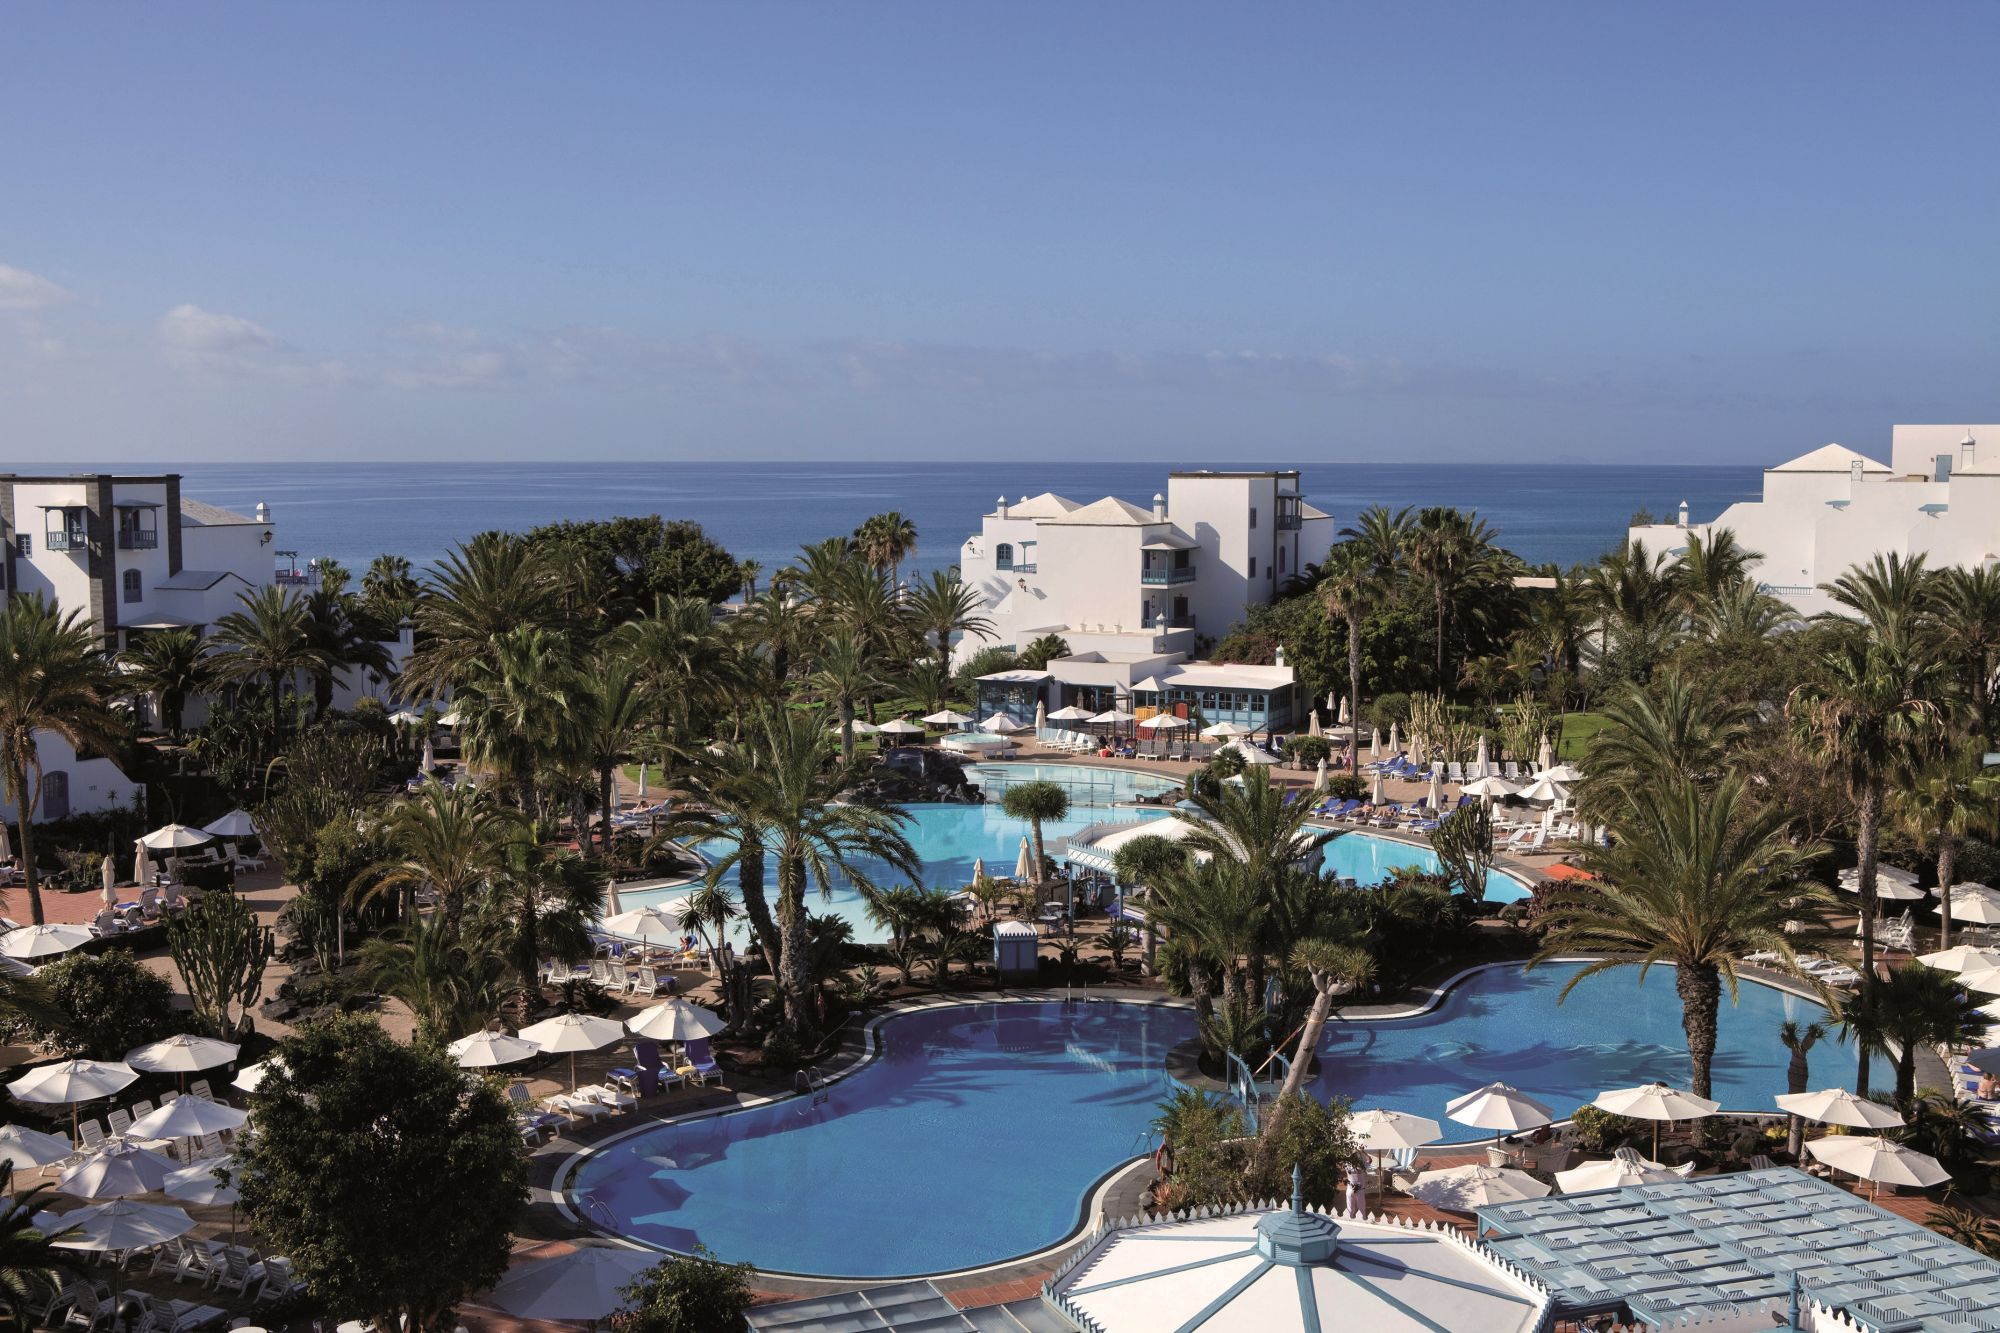 HOTEL SEASIDE LOS JAMEOS PLAYA Puerto Del Carmen - Lanzarote